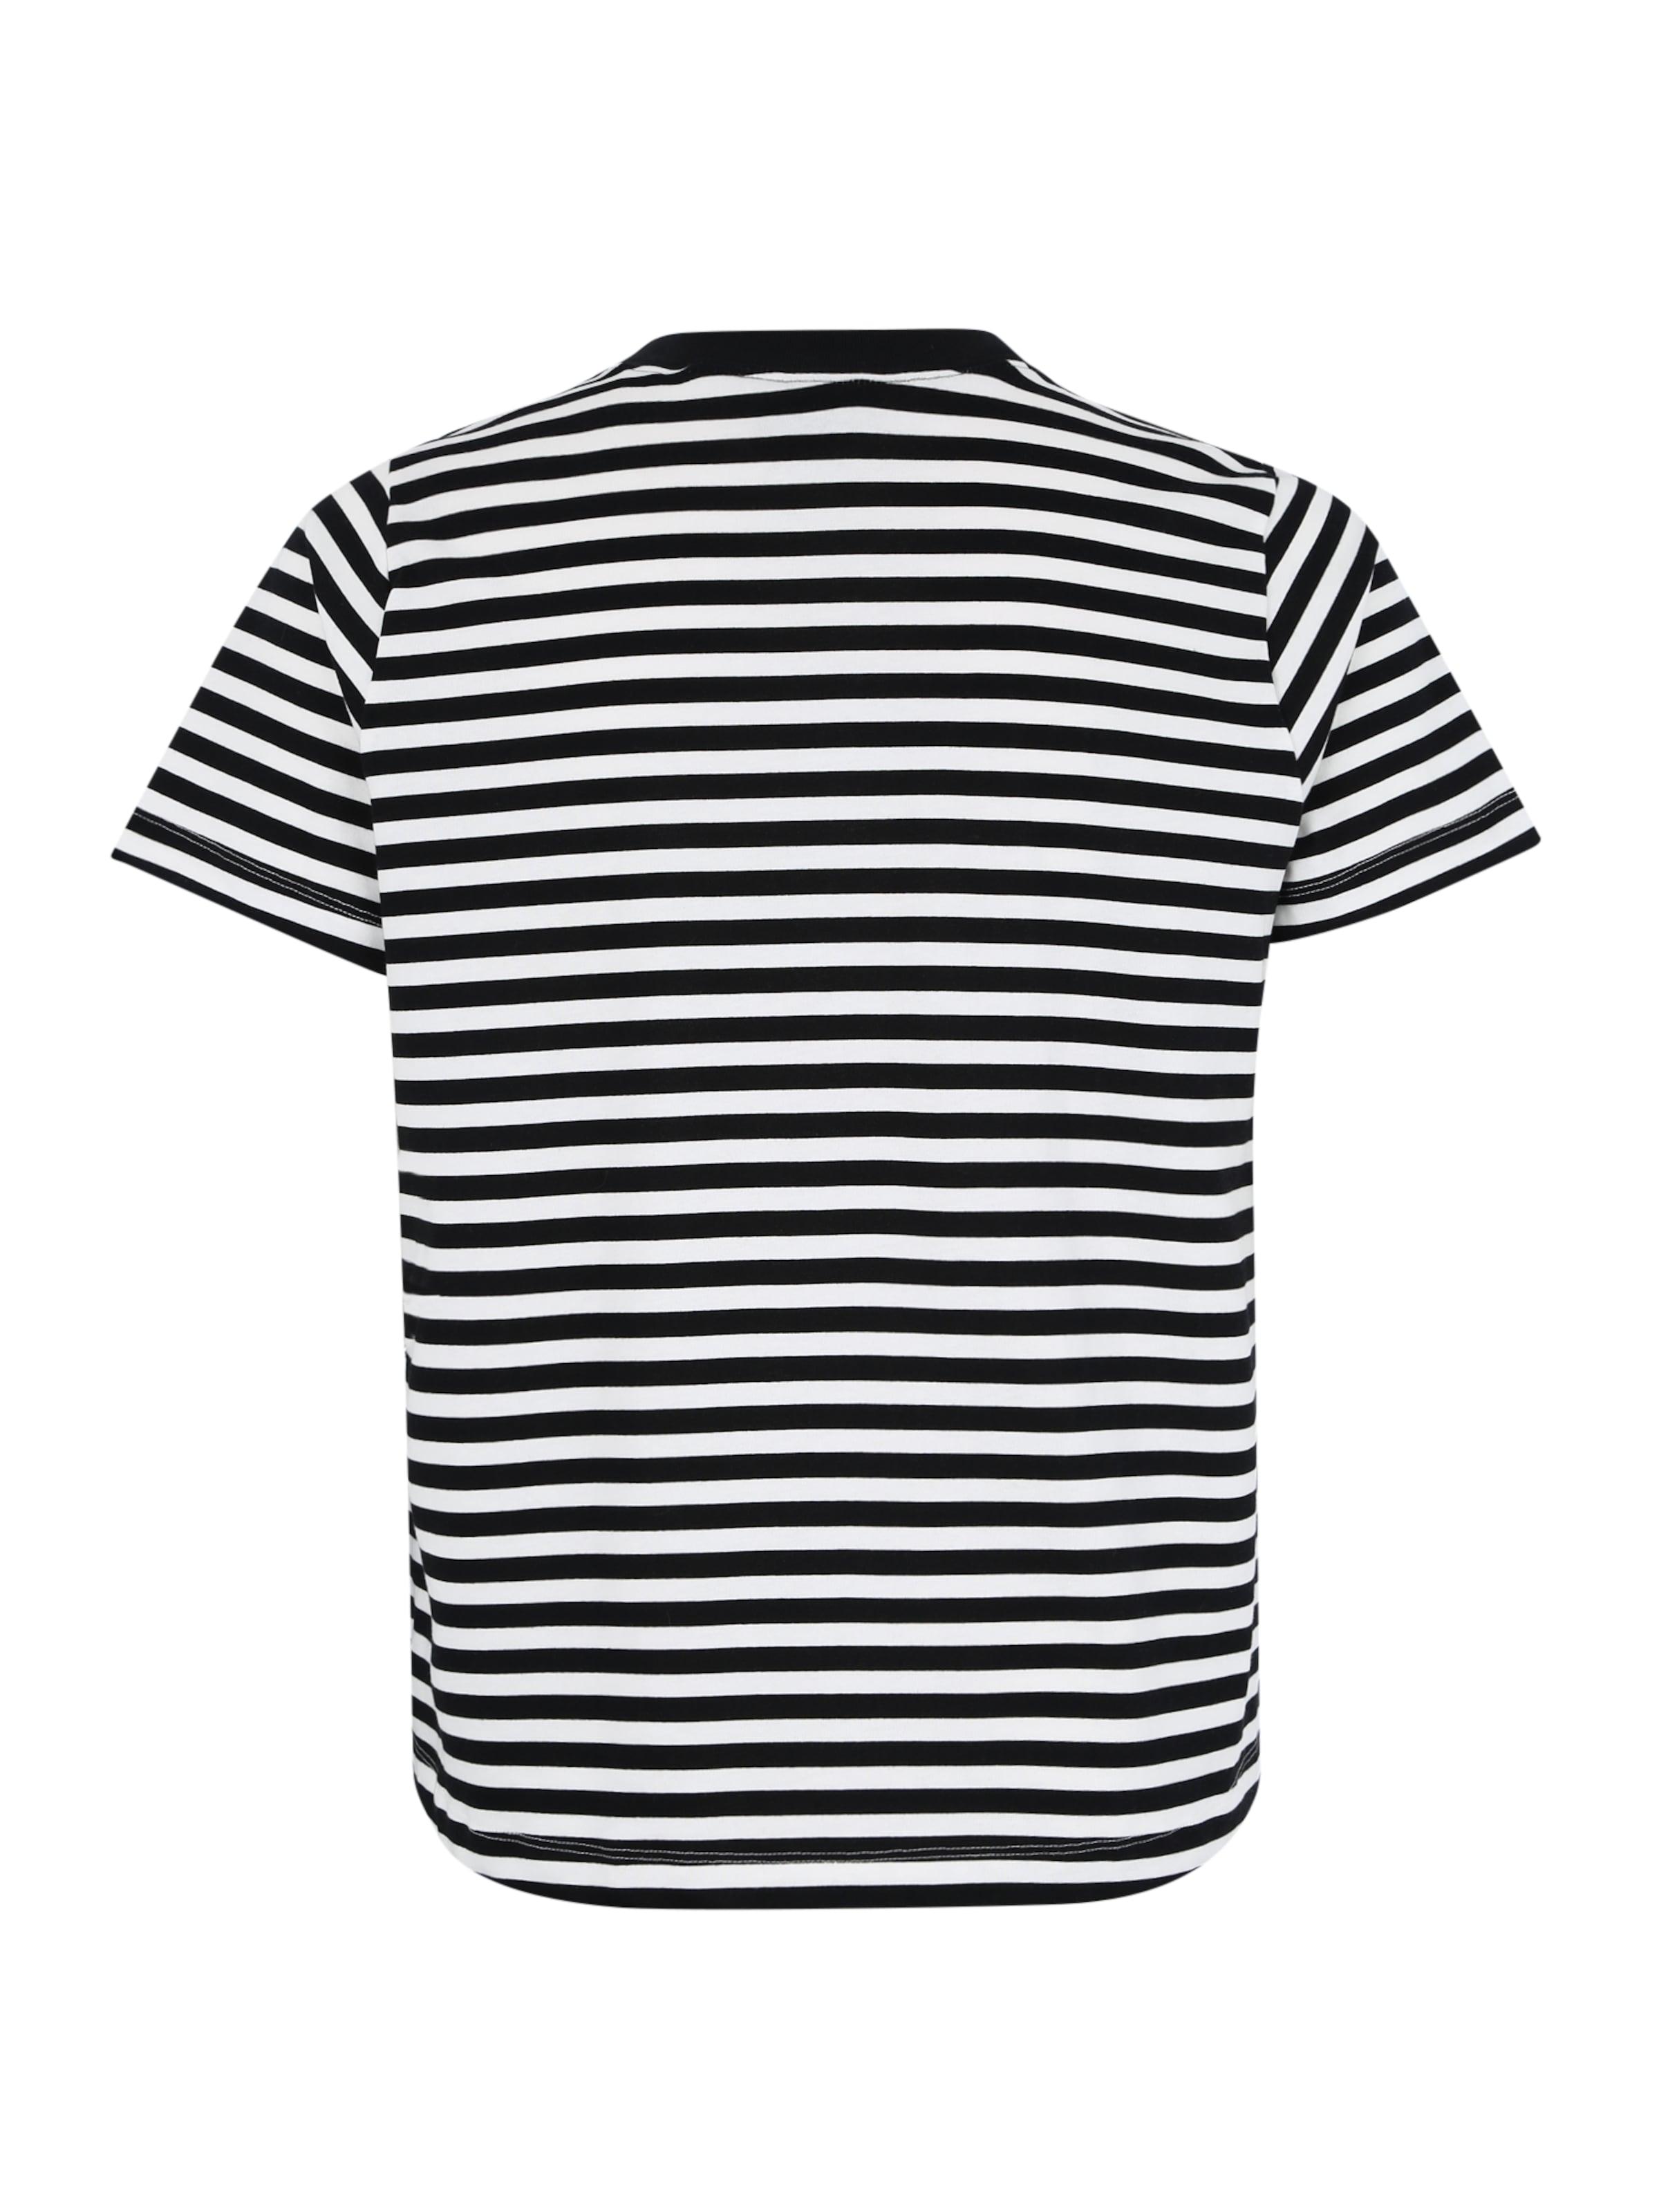 Sportswear SchwarzWeiß T 'ss Plus' La In Nike shirt lOPXiuZkwT